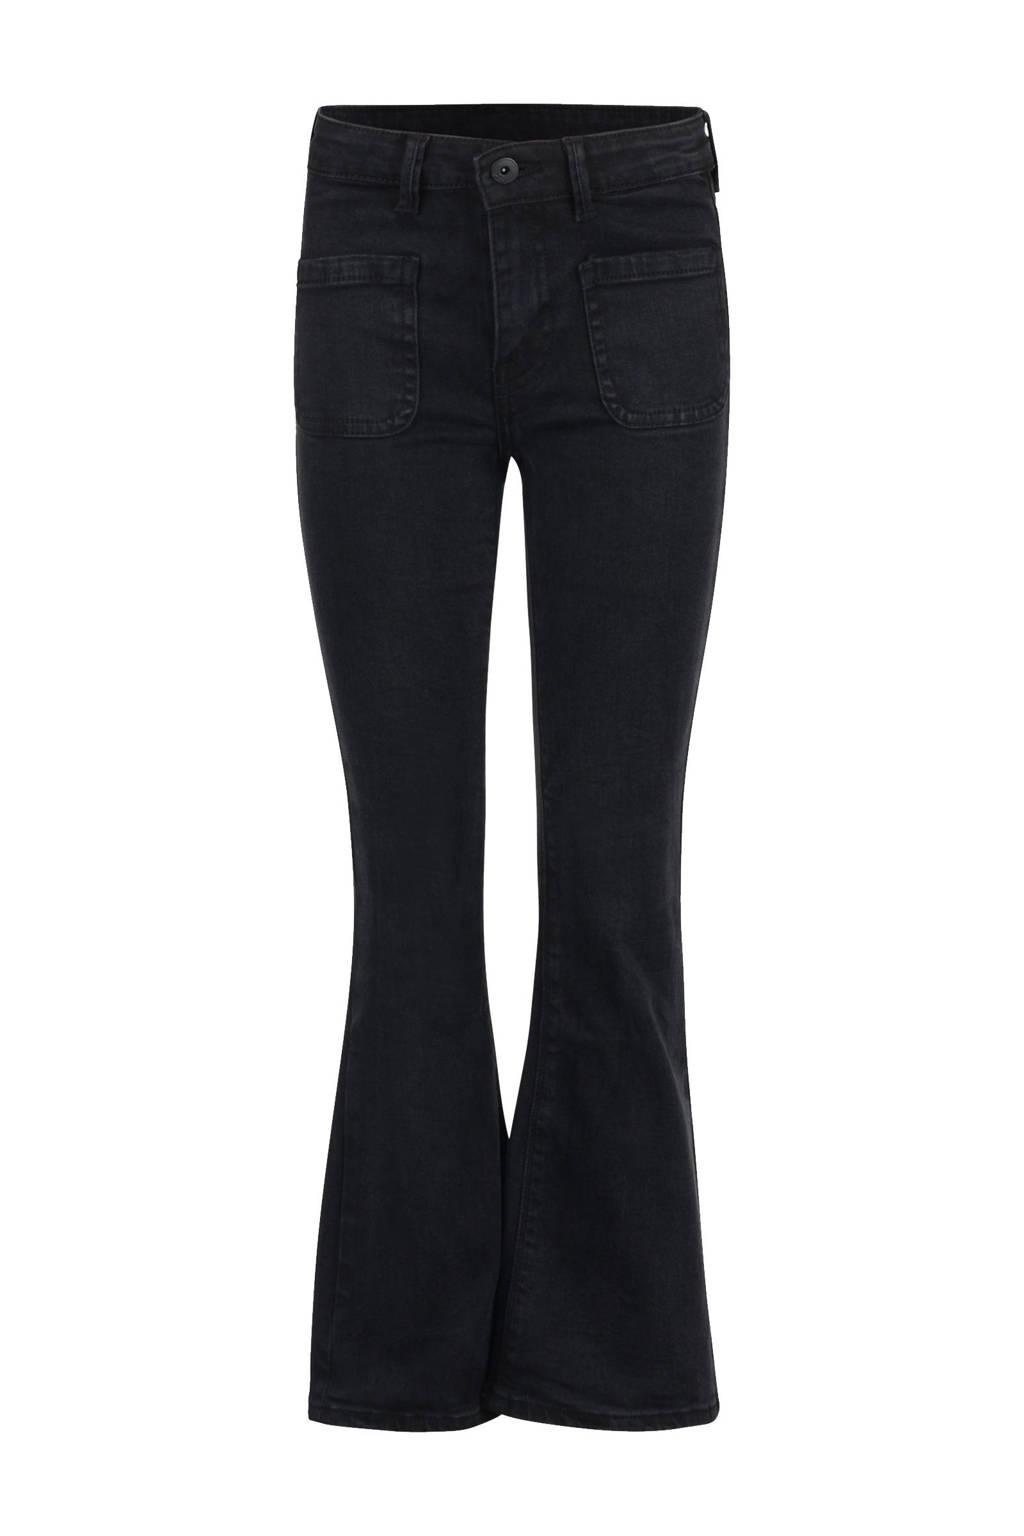 Shoeby Jill & Mitch flared jeans Susan zwart, Zwart